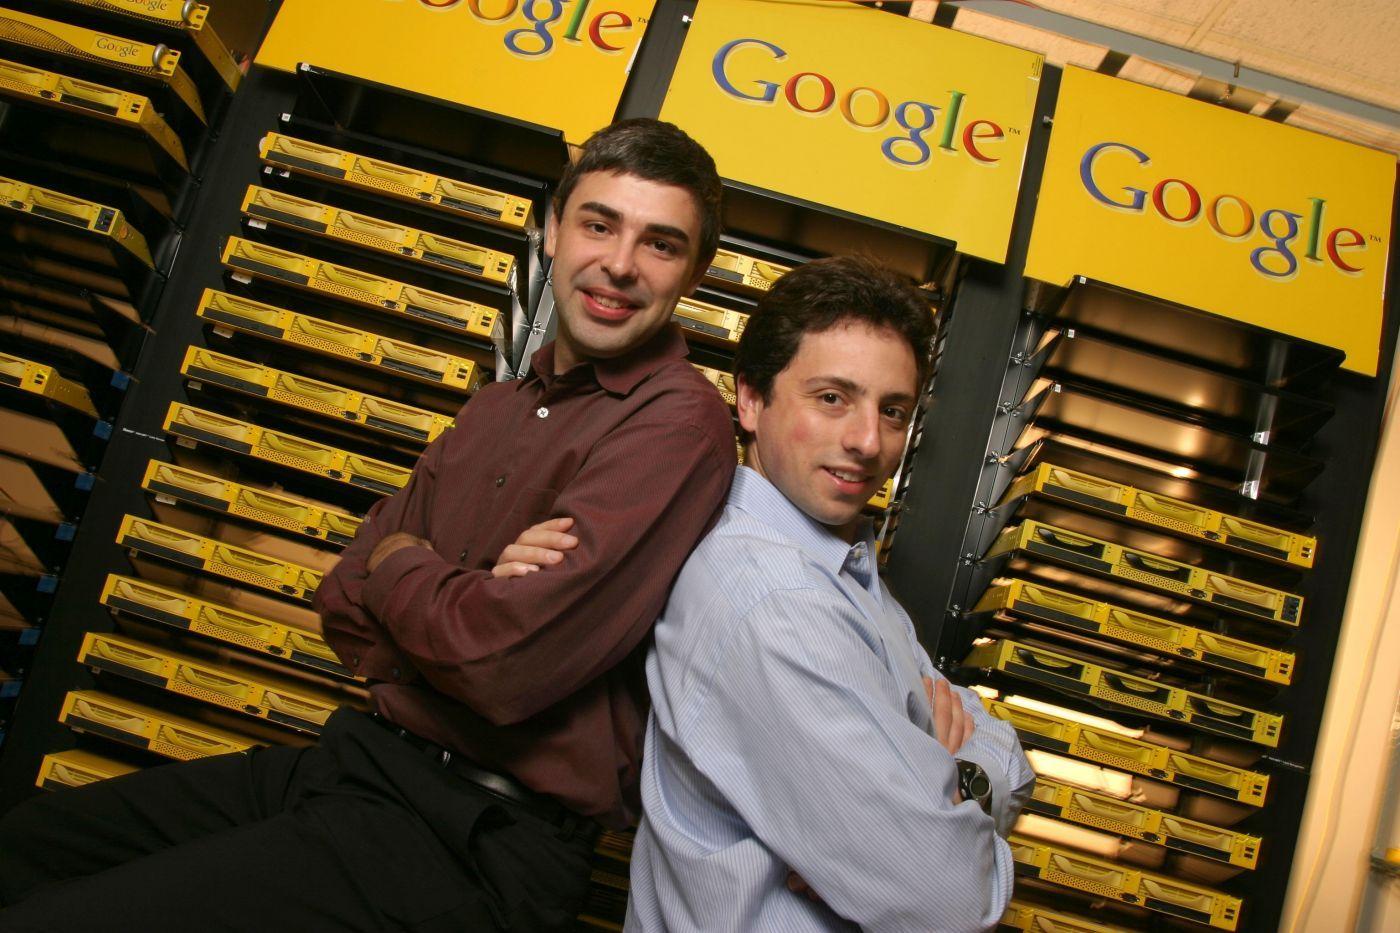 里拉佩奇 布林 谷歌创始人 CFP